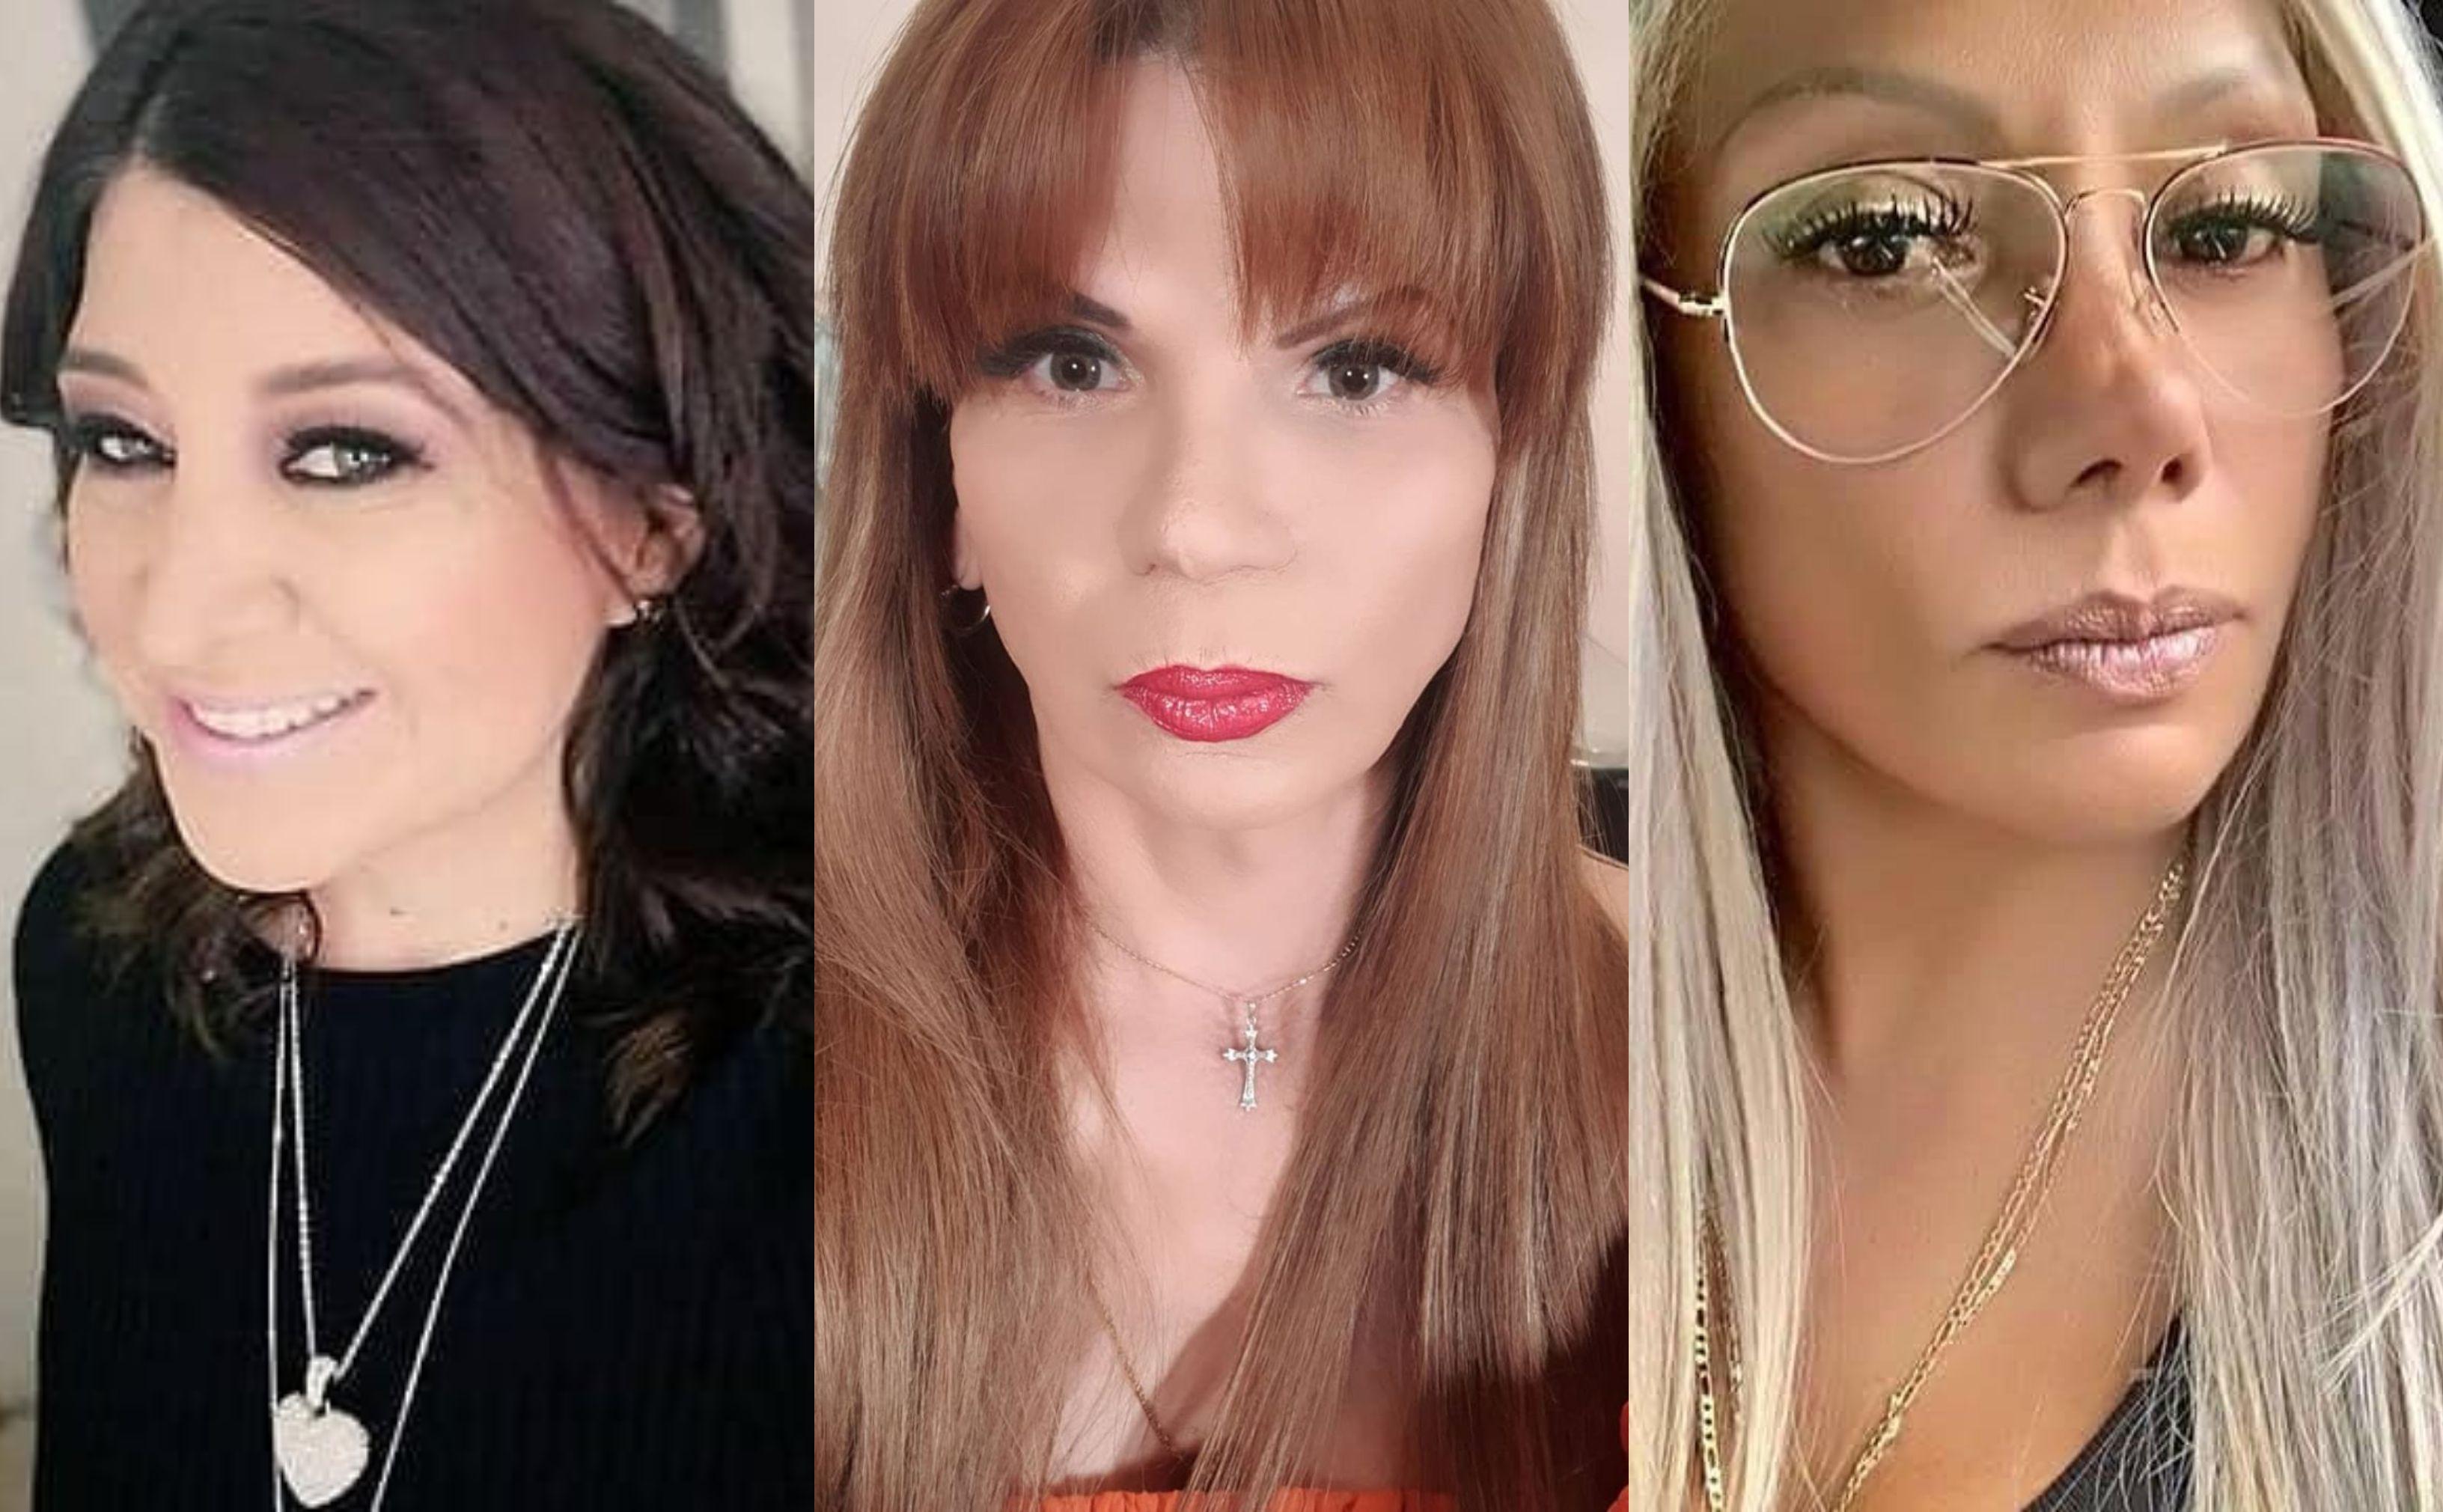 Laura Rivas, Mhoni Vidente y Bruja Zulema deparan cambios significativos en el mundo (Foto: Instagram @soylaurarivas/@mhoni1/@brujazulematv)